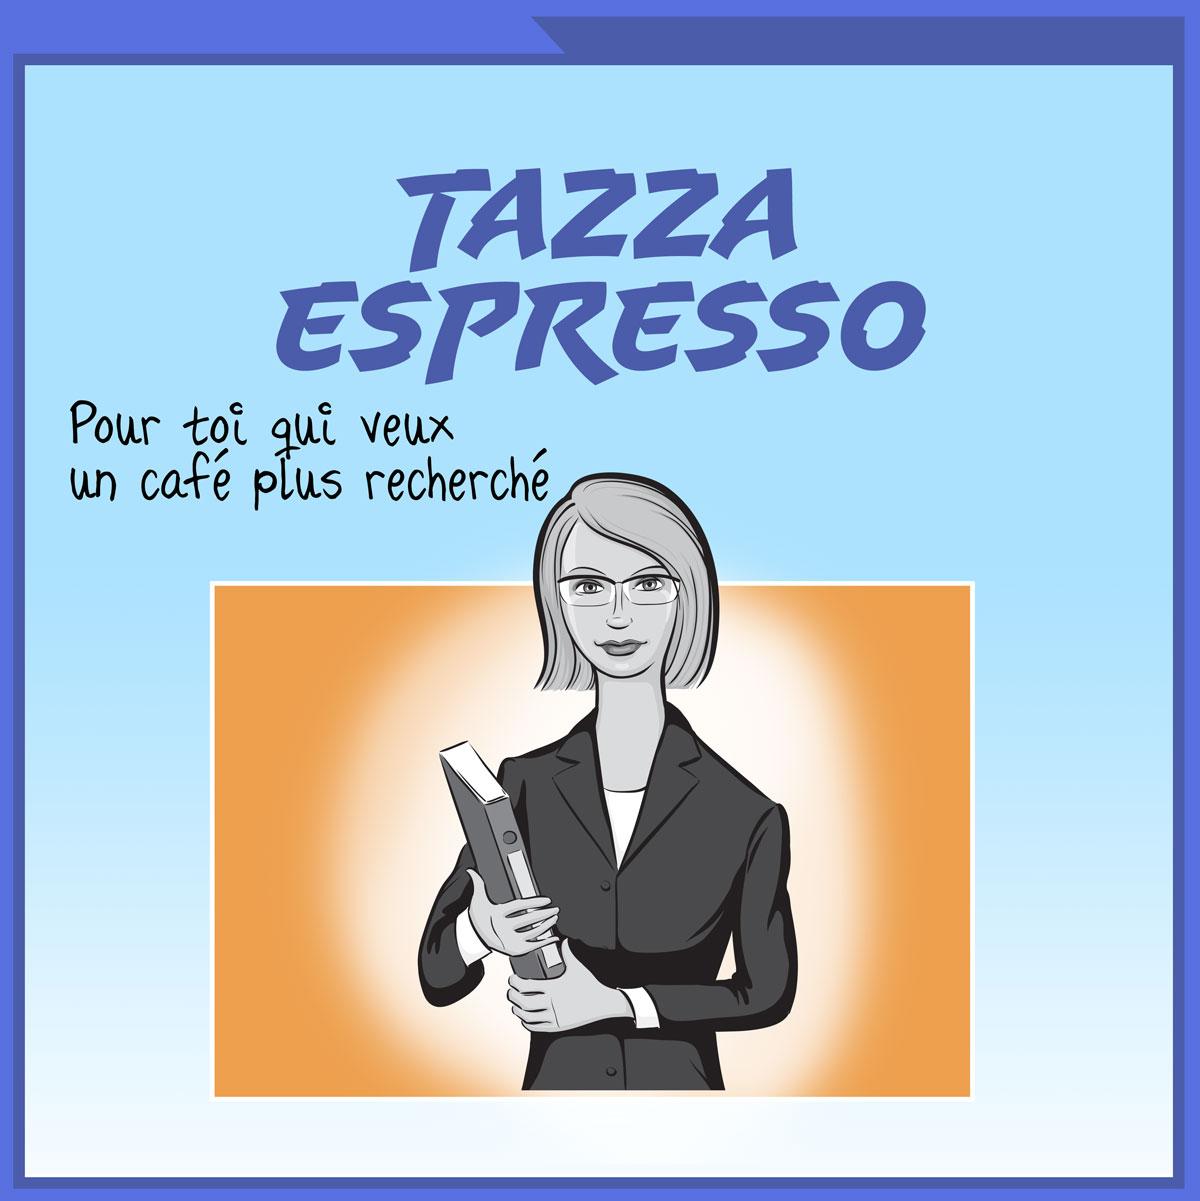 Tazza Espresso